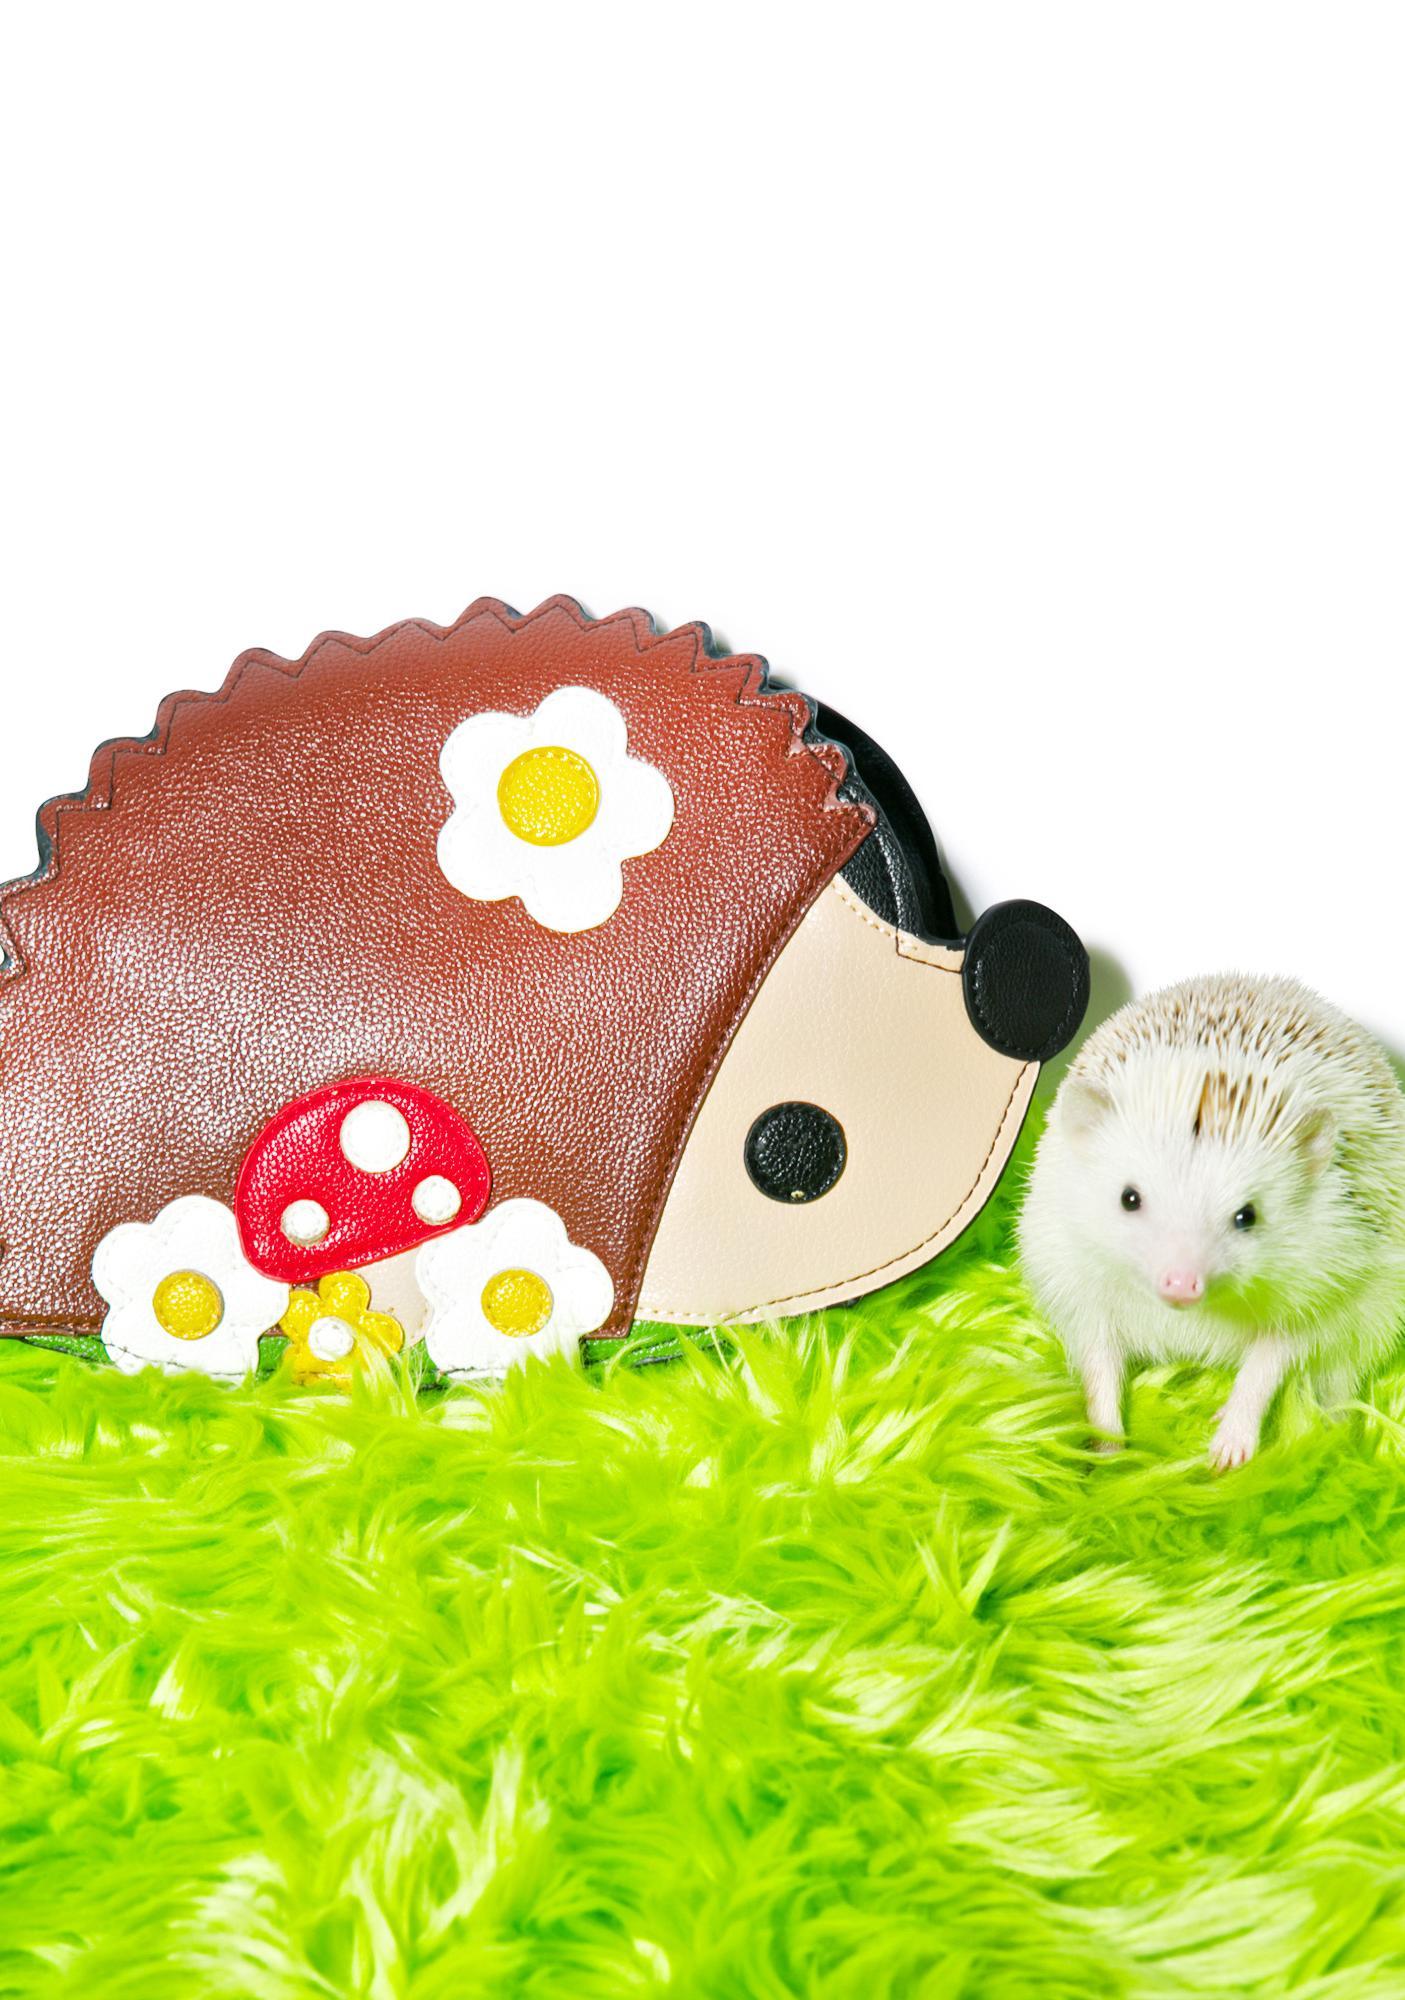 Lil' Hedgehog Bag